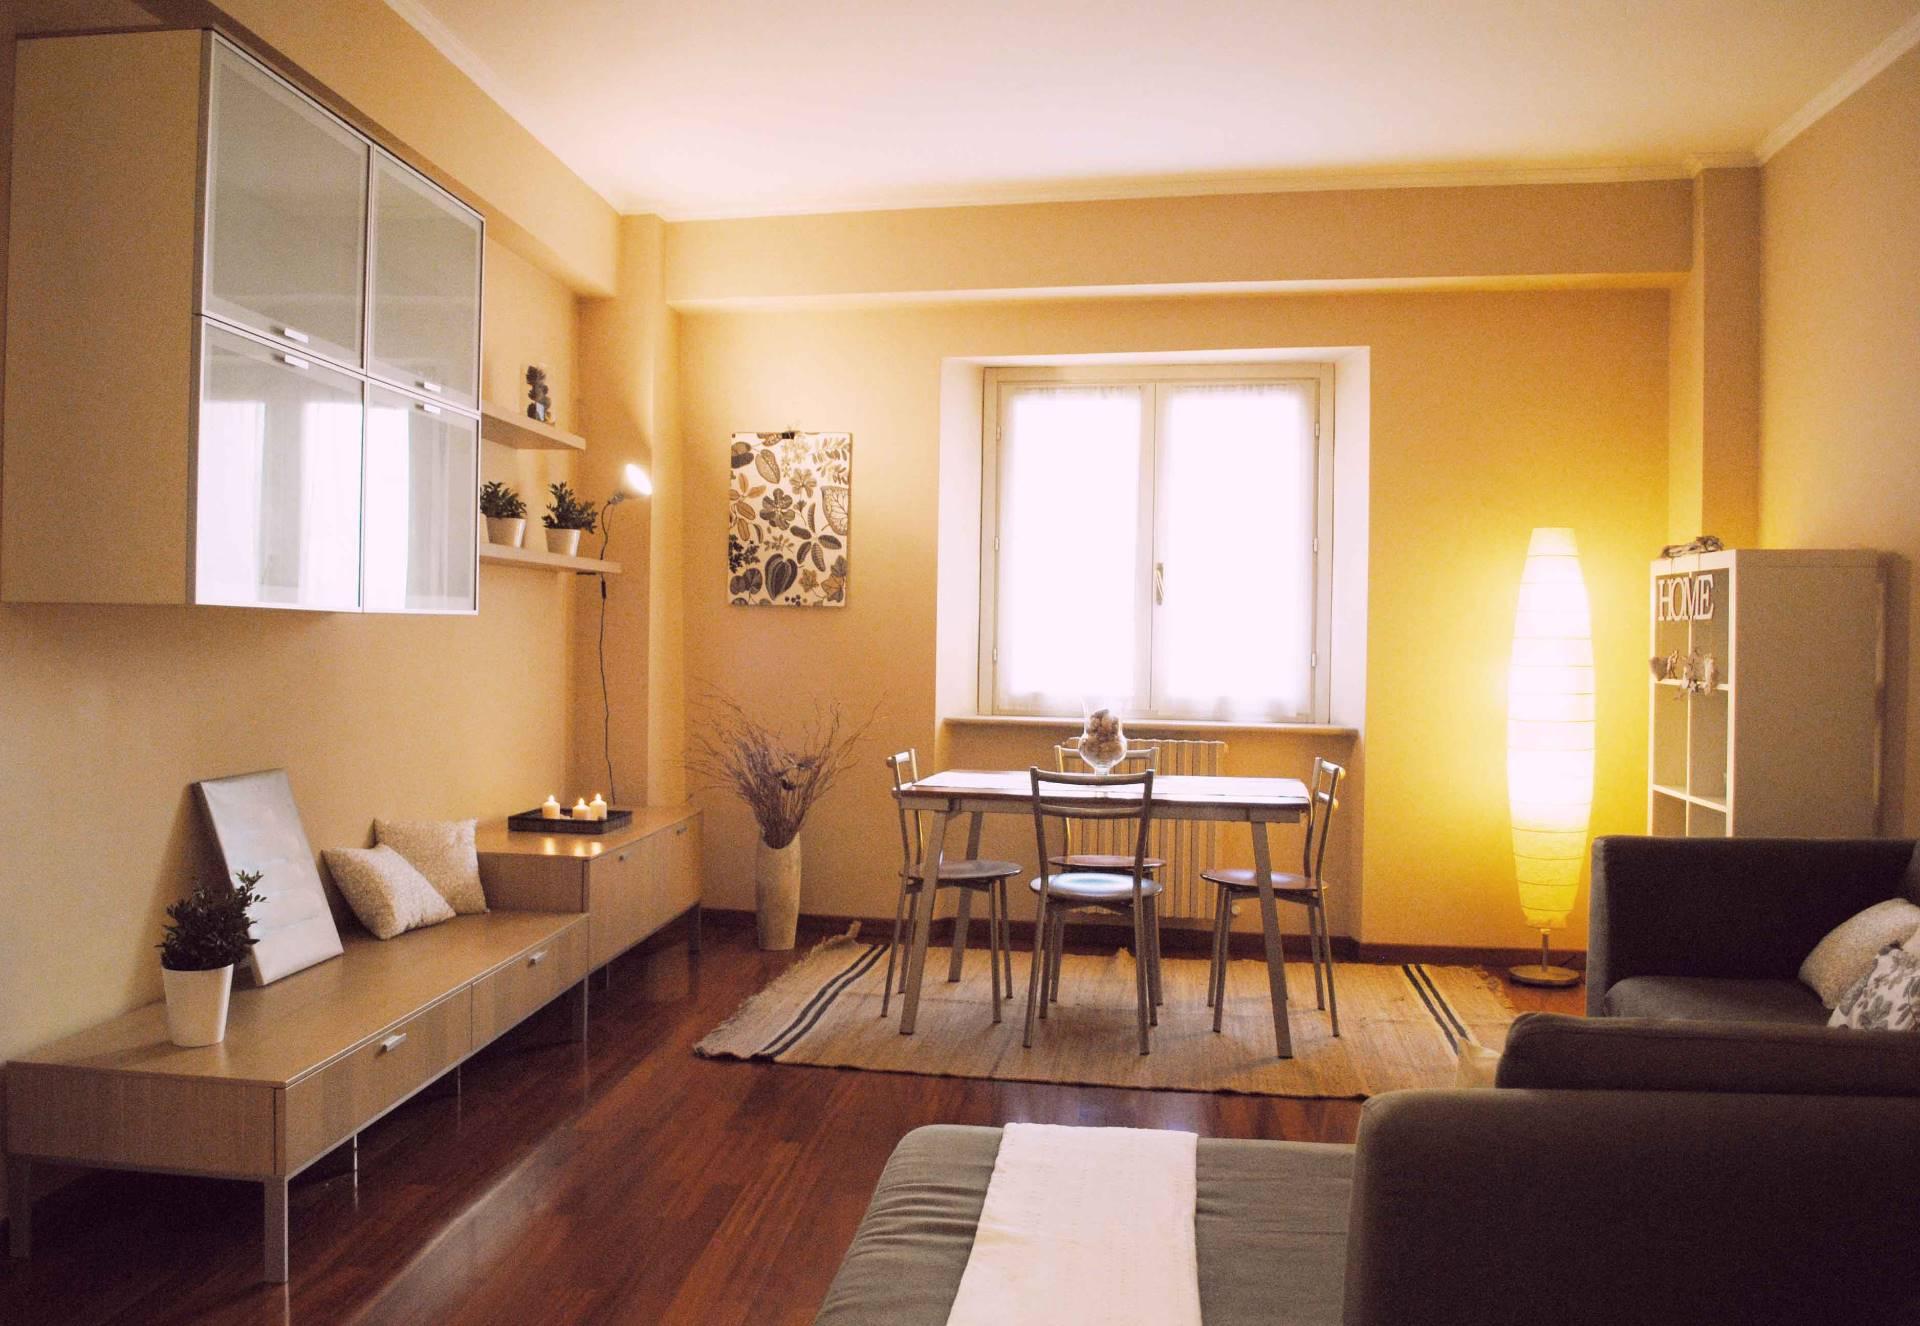 Appartamento in affitto a Ancona, 4 locali, zona Località: Centrostorico, prezzo € 690 | CambioCasa.it